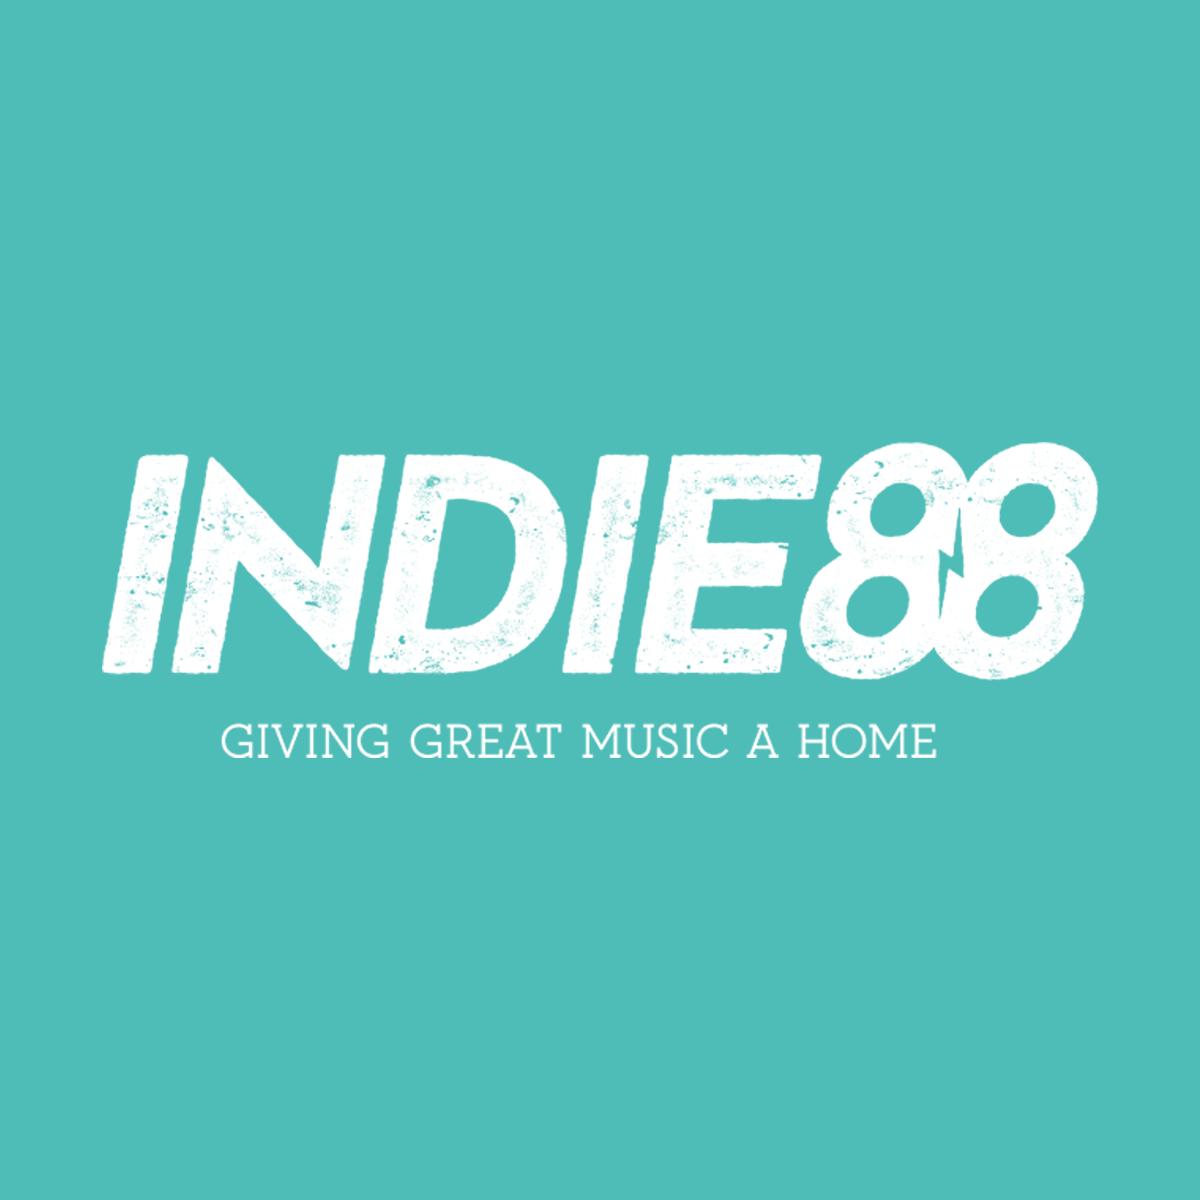 Indie88.png